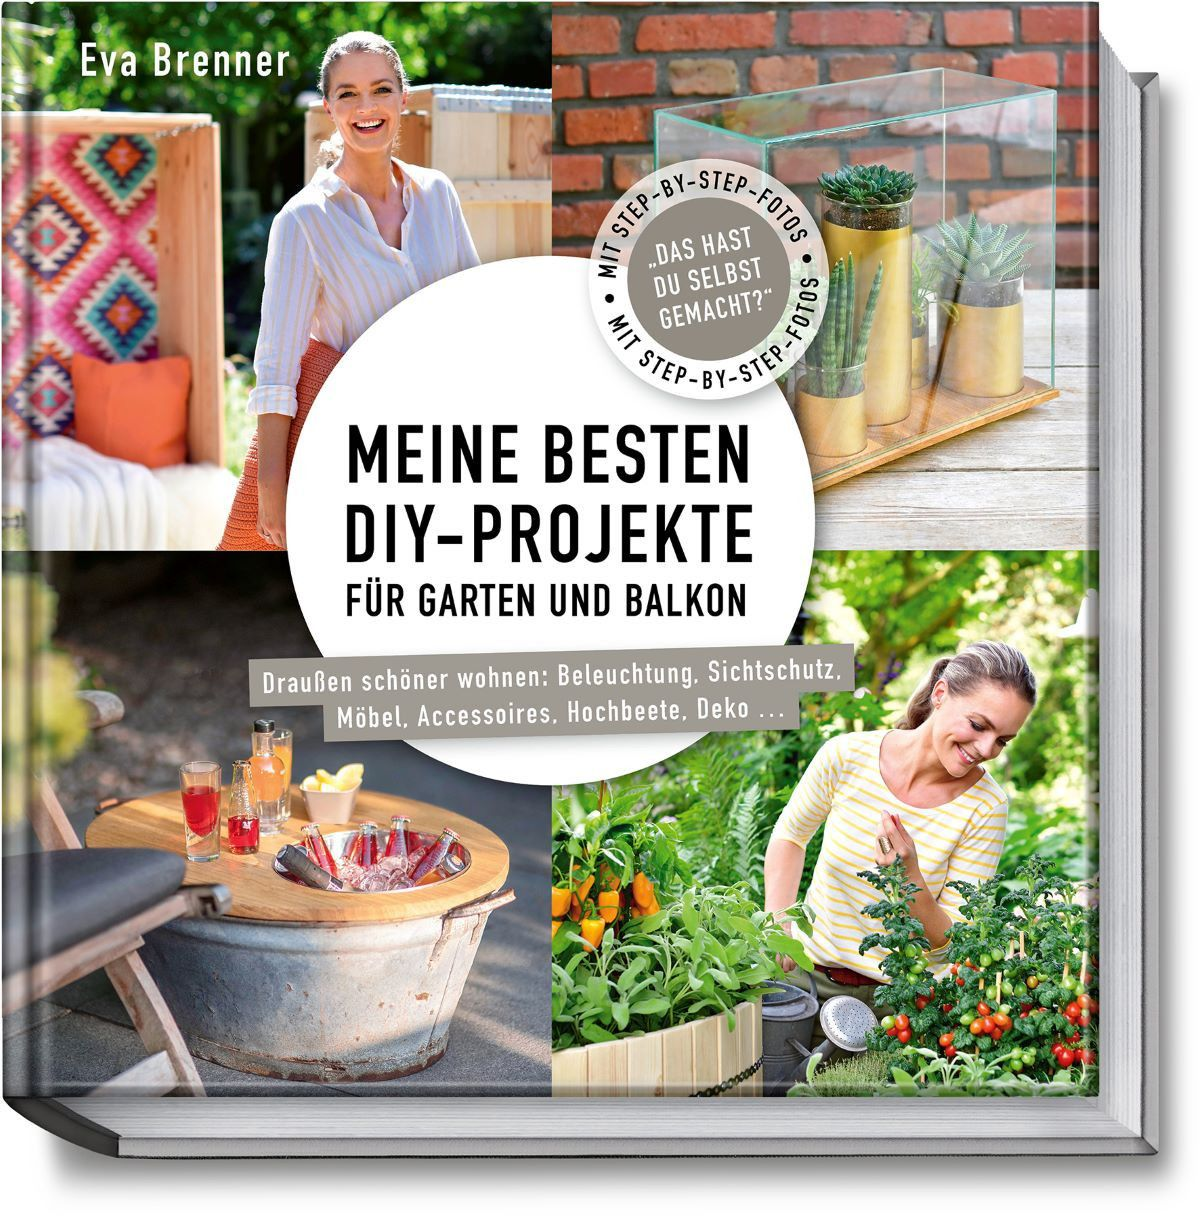 """""""Meine besten DIY-Projekte für Garten und Balkon"""" von Eva Brenner."""